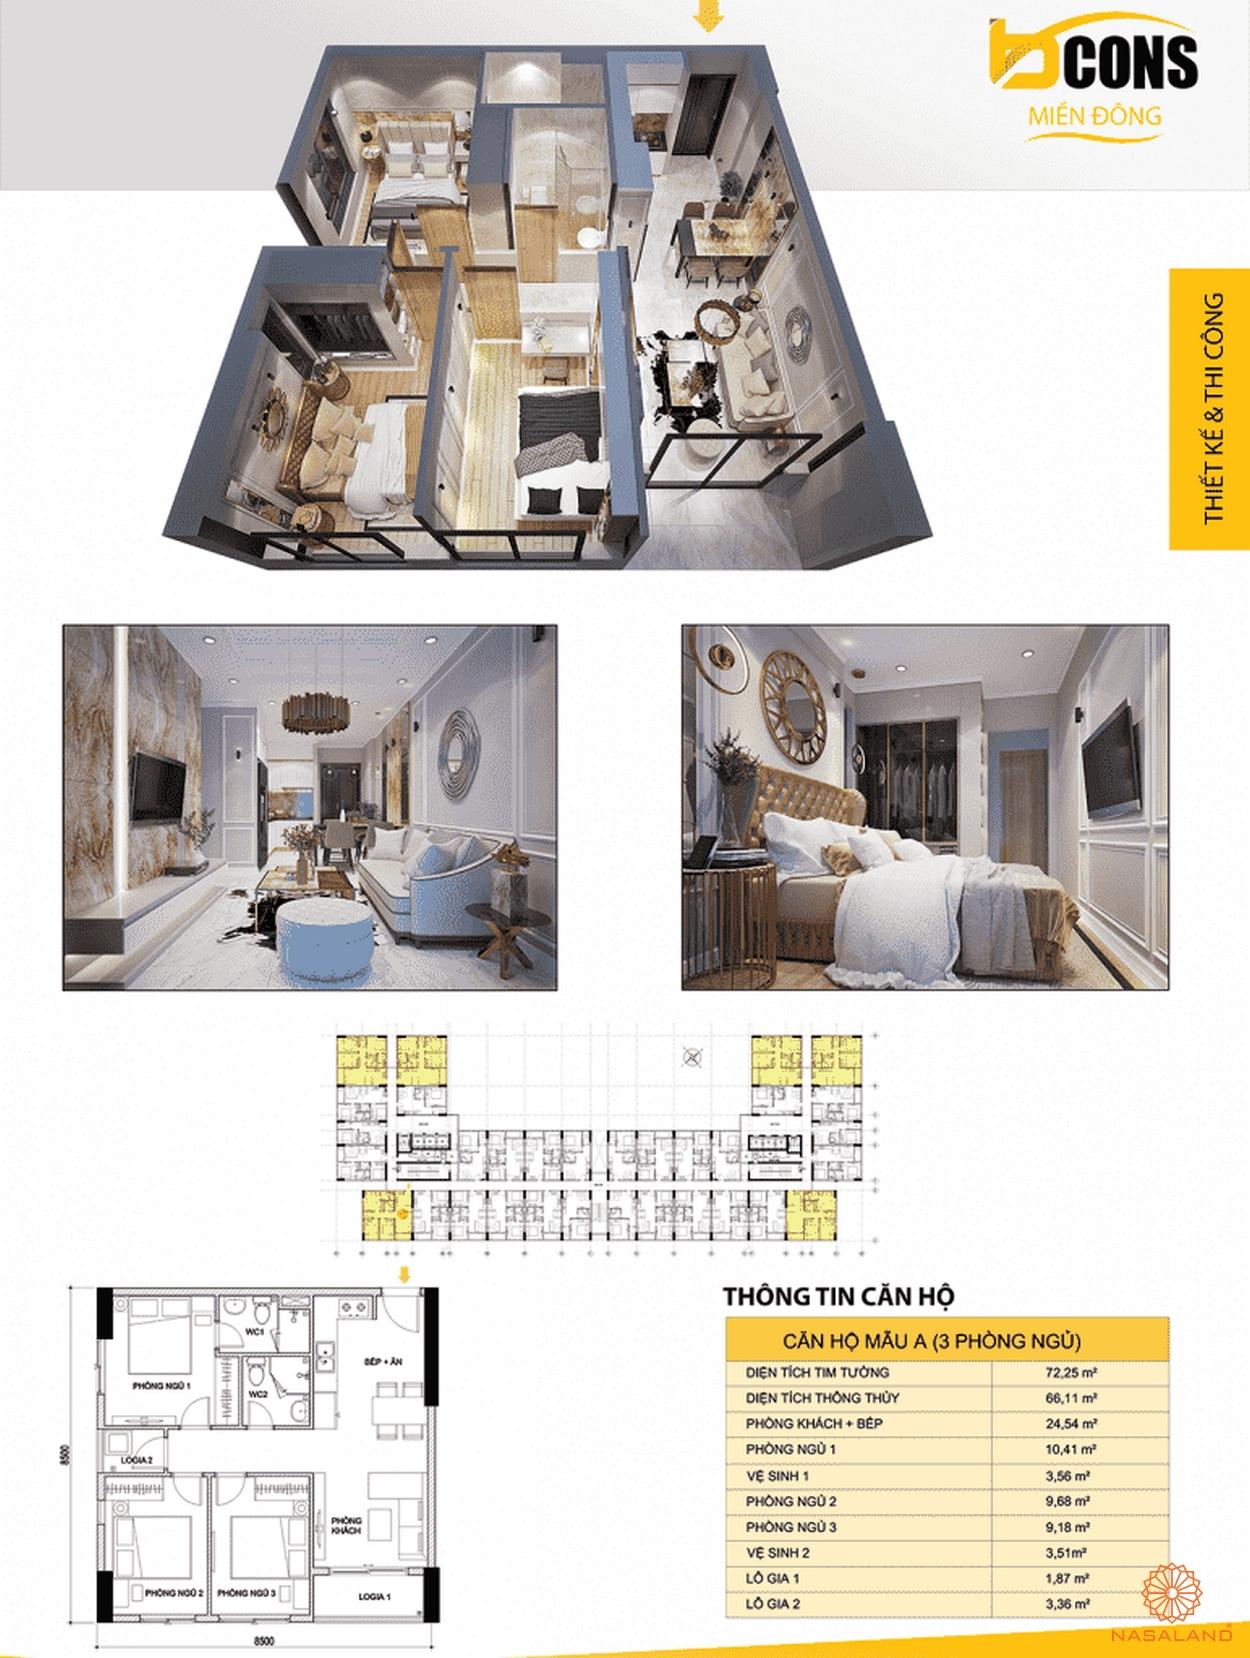 Thiết kế căn hộ Bcons Miền Đông Bình Dương